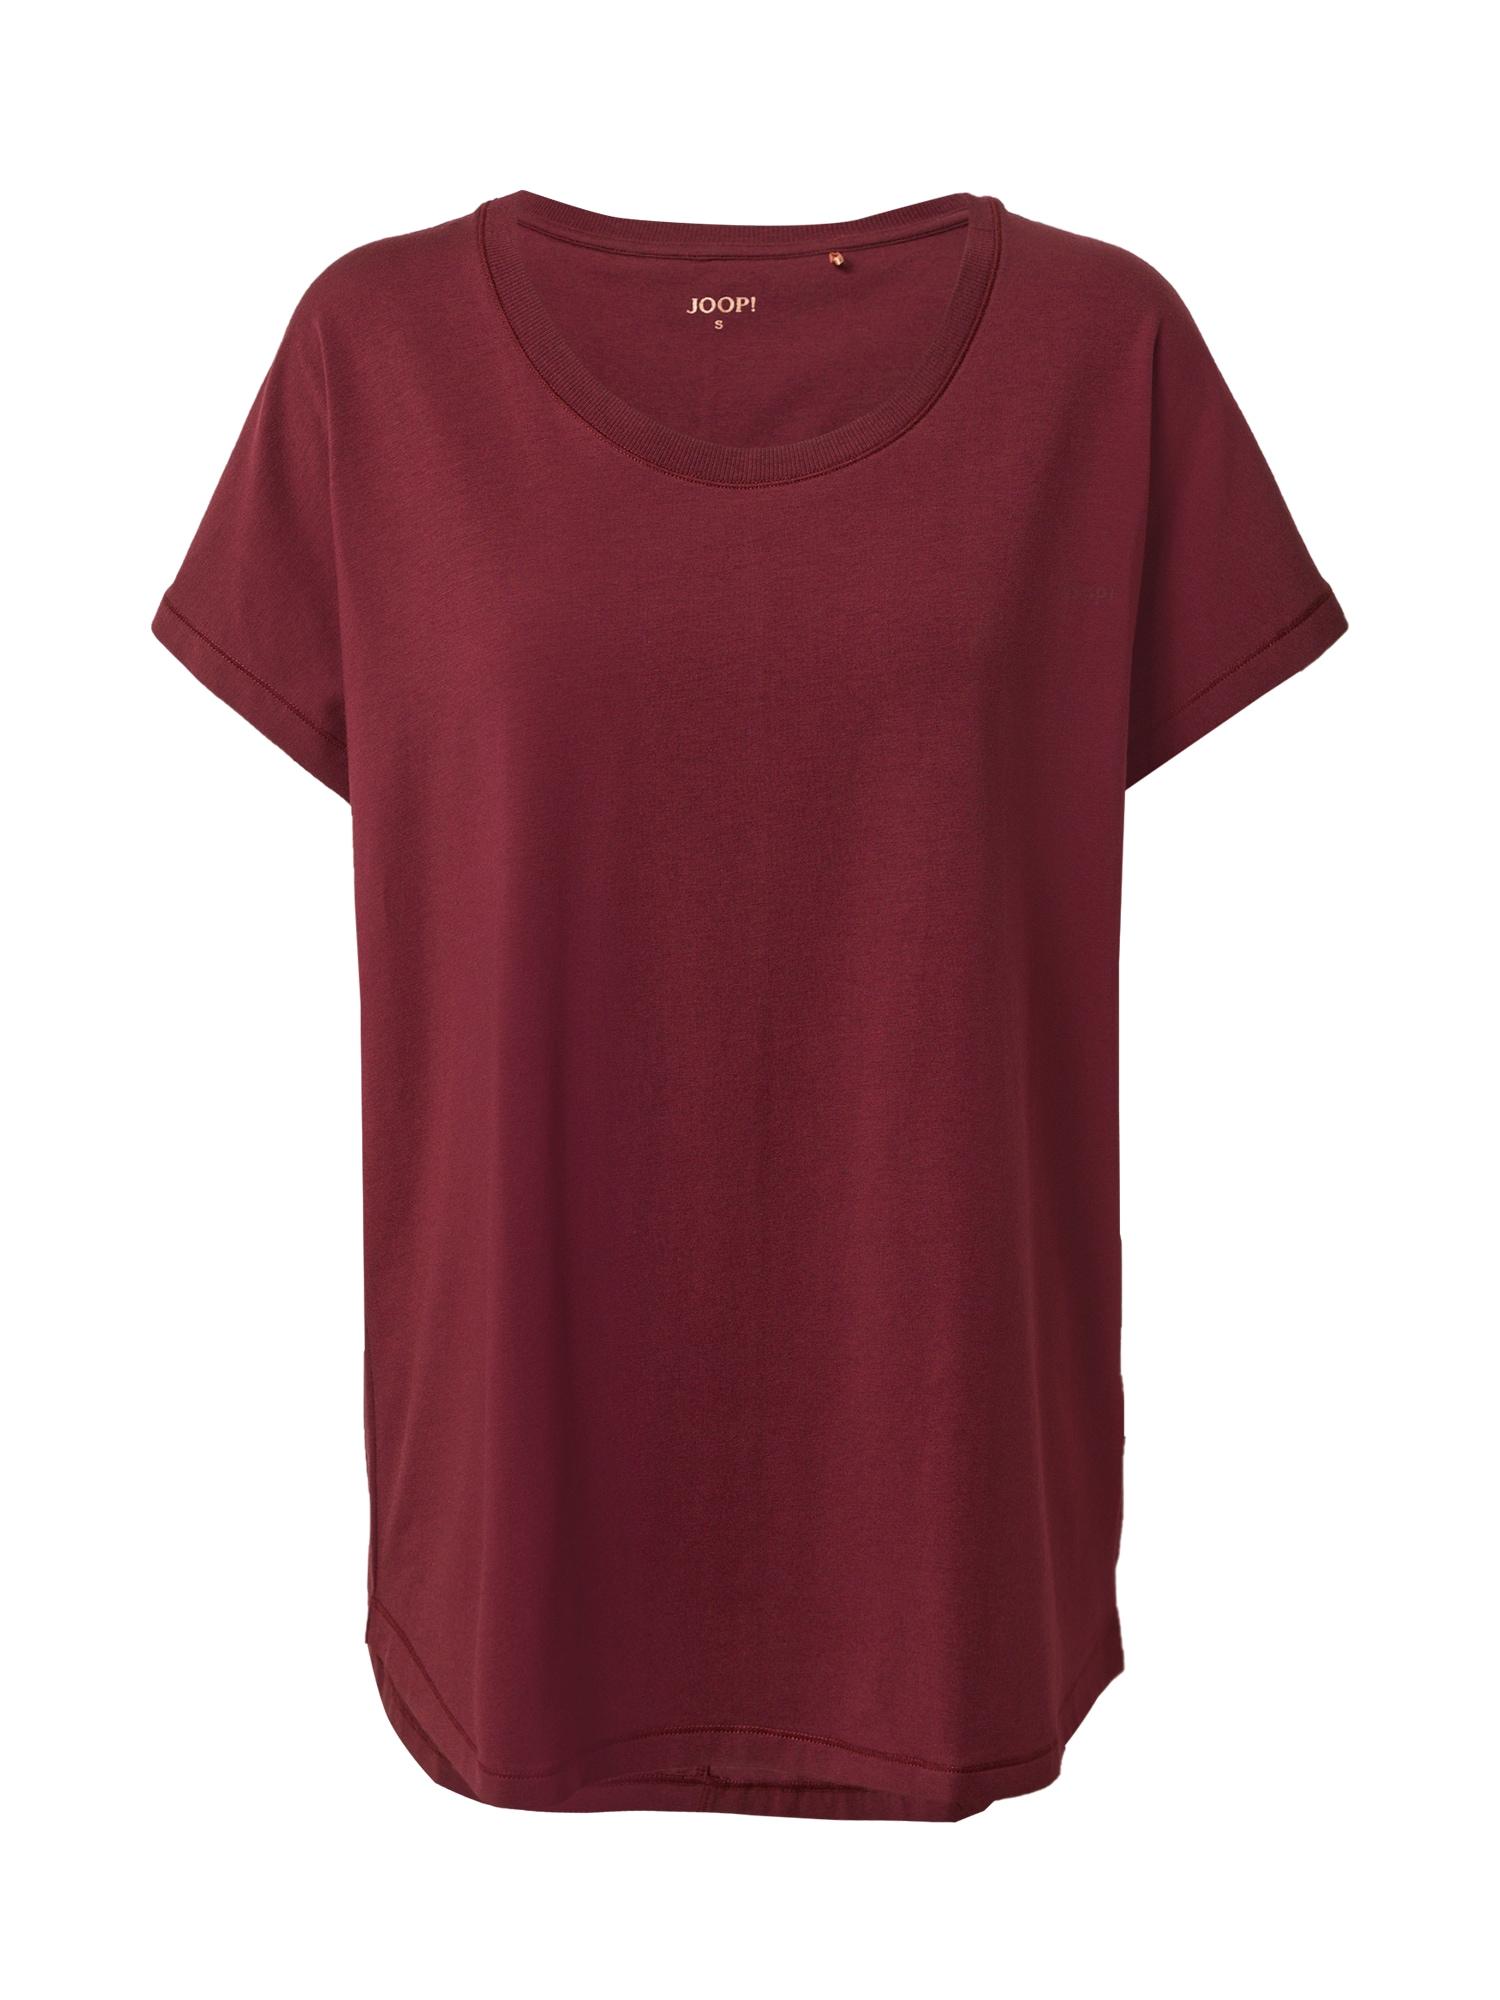 JOOP! Bodywear Pižaminiai marškinėliai vyno raudona spalva